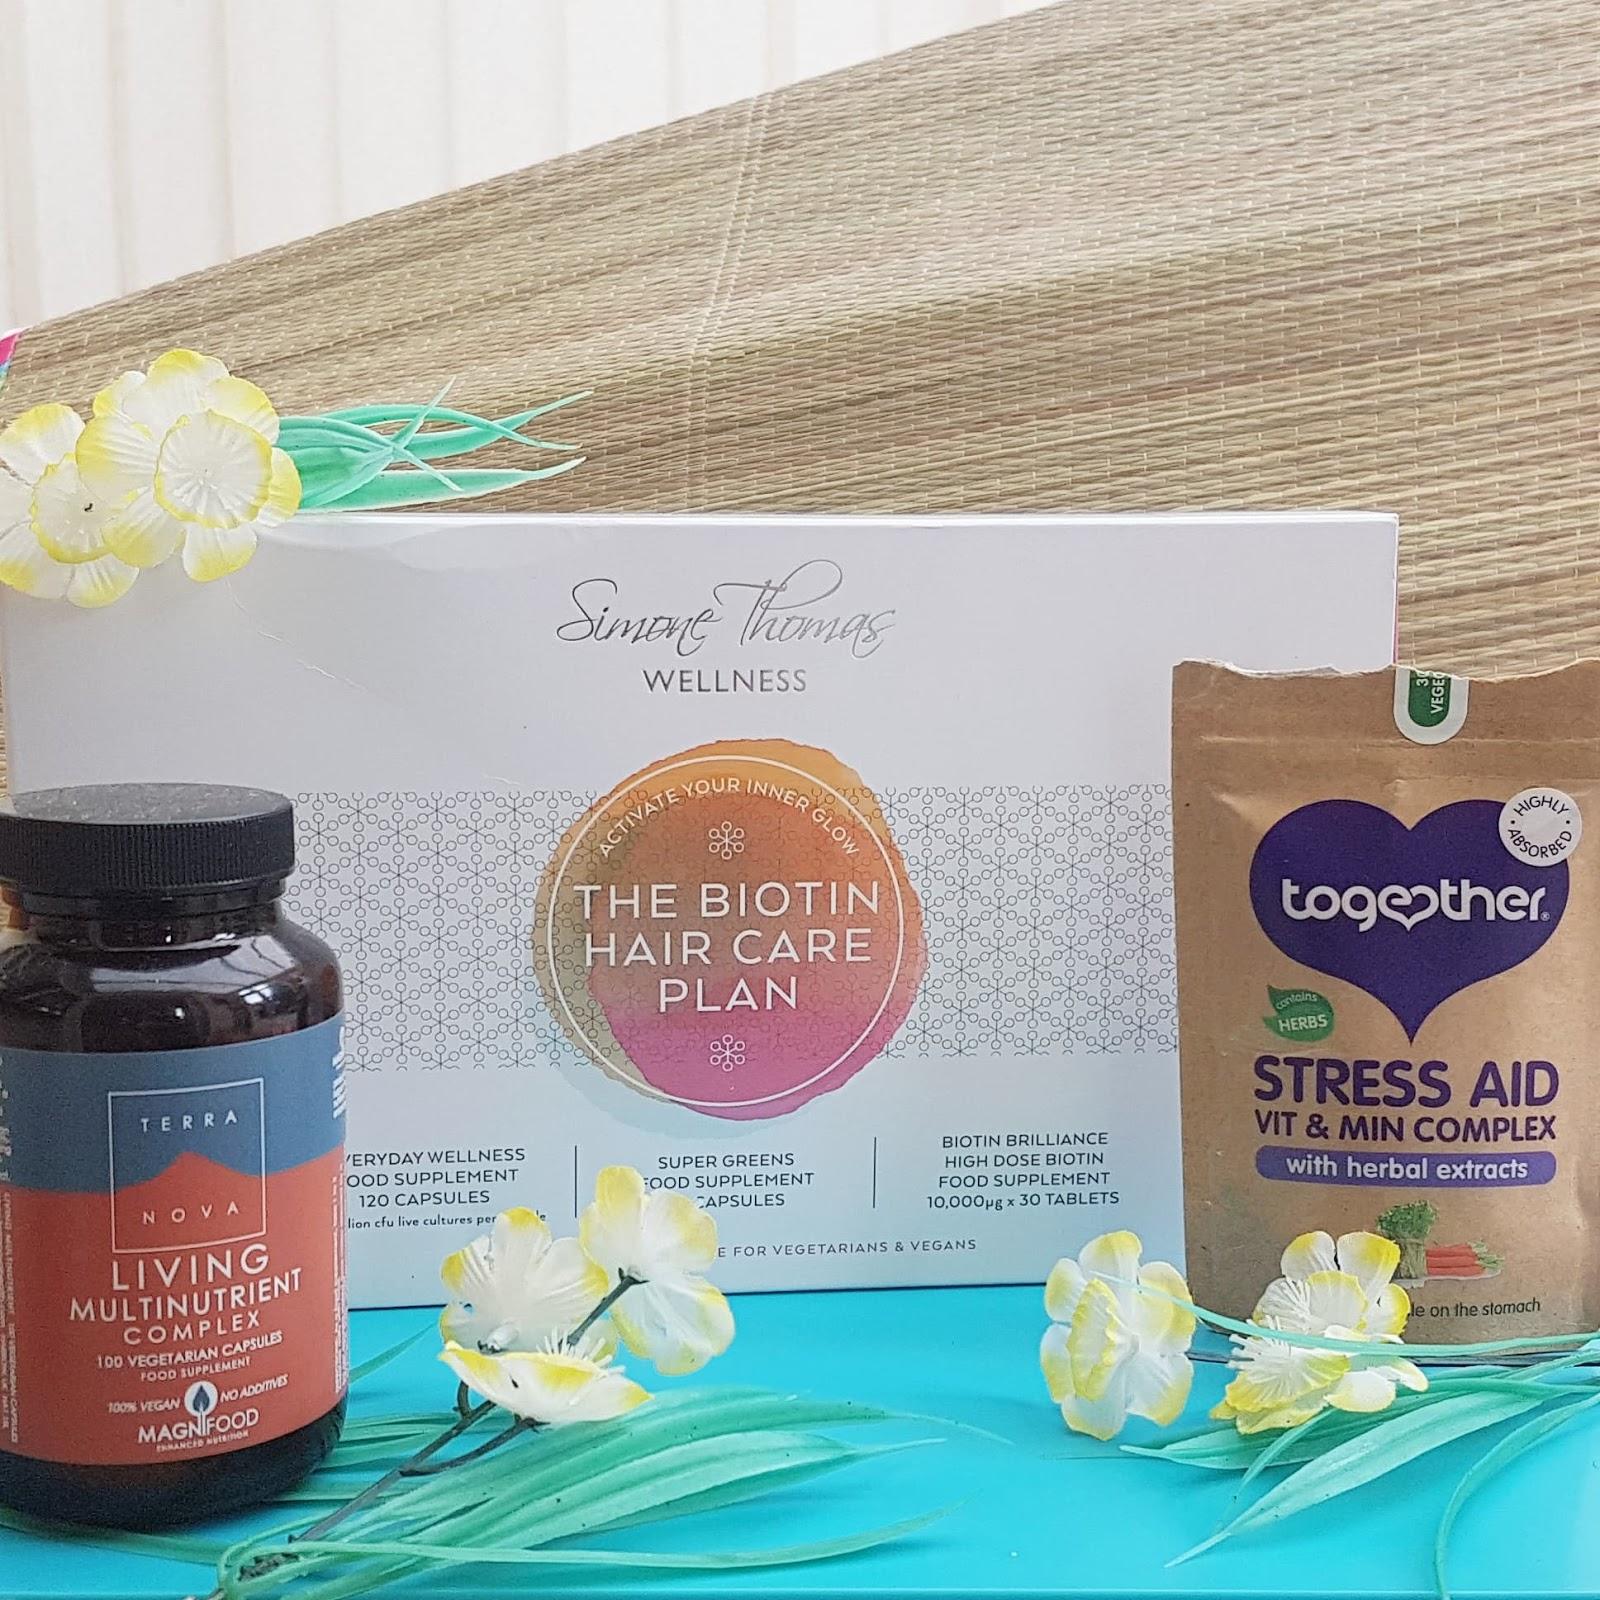 Hair Loss Supplements Vitamins - Natural Hair Loss Recovery Review